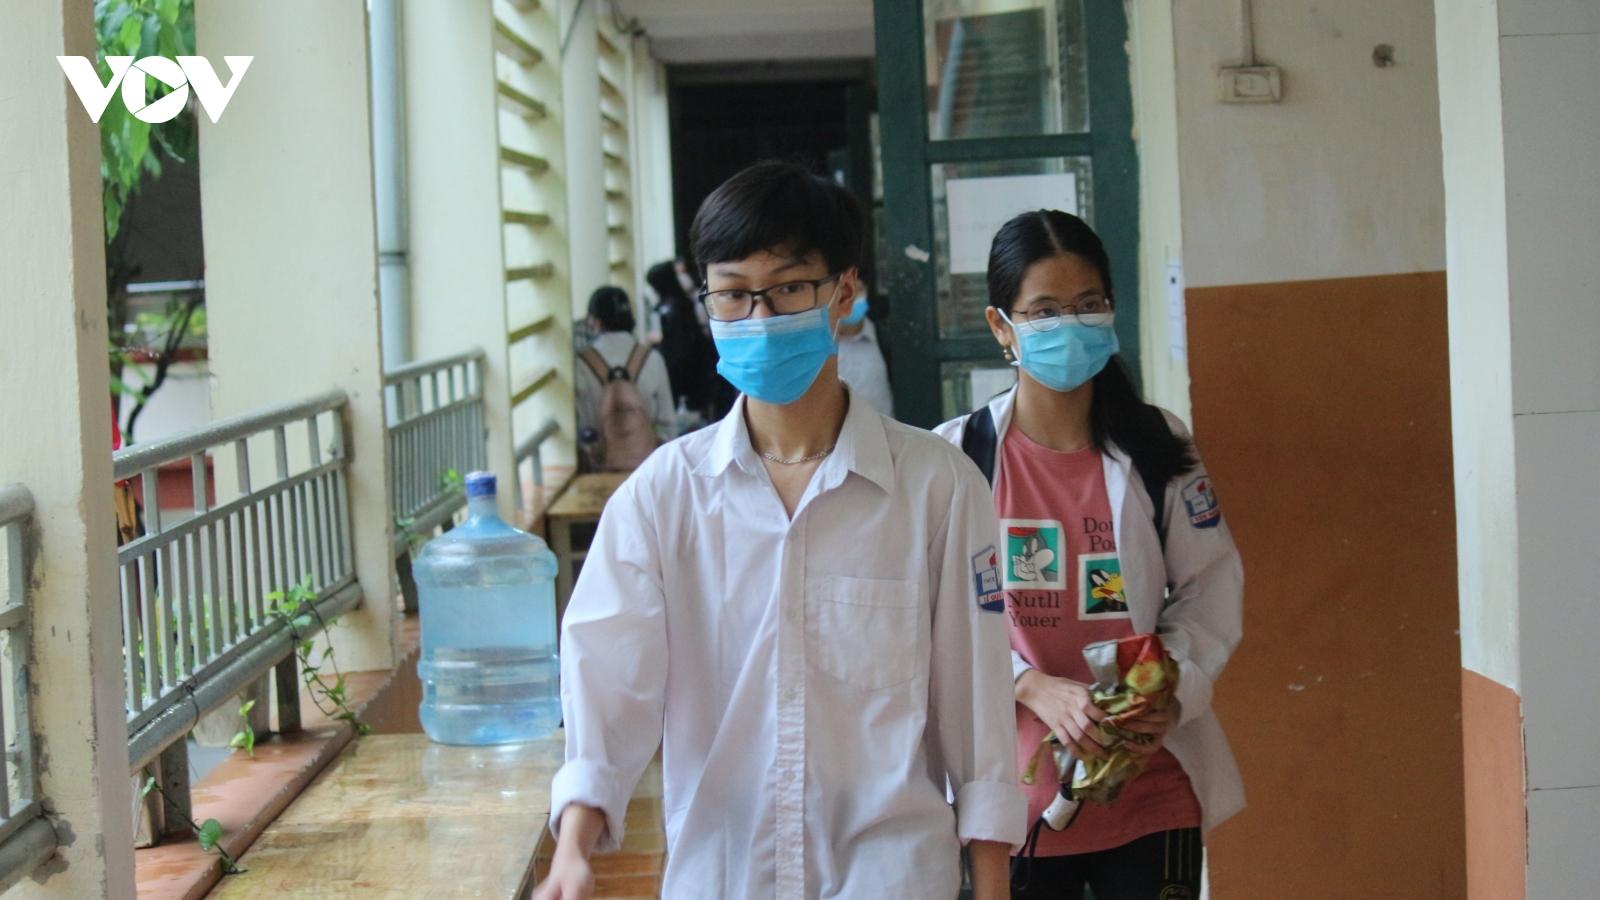 Đề thi môn Ngữ văn vào lớp 10 năm 2021 tại Hà Nội